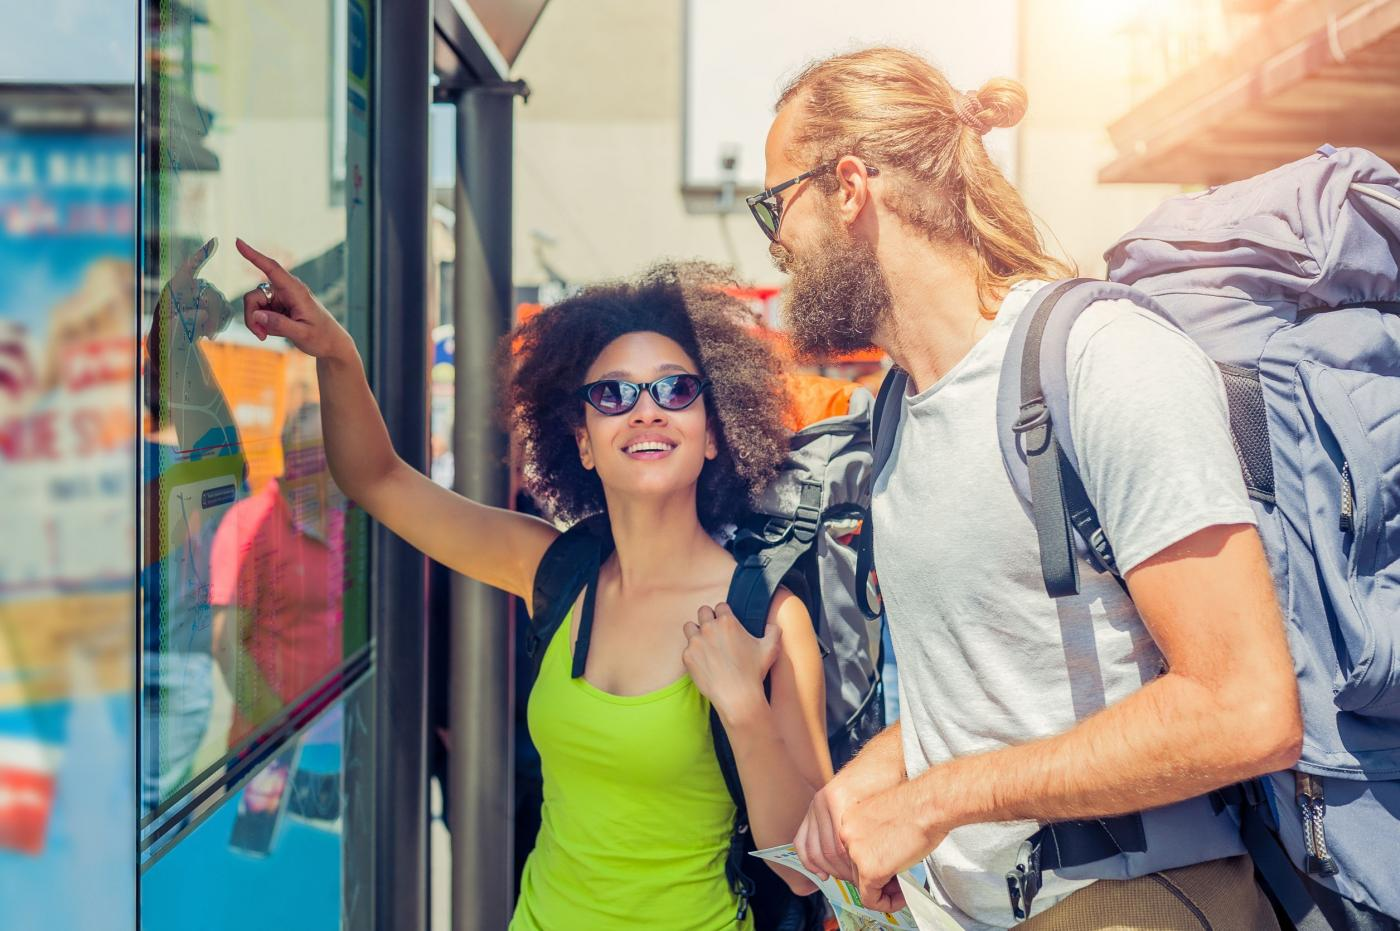 u2guide-une-plate-forme-touristes-et-guides-sont-libres-de-choisir-une-cause-a-soutenir